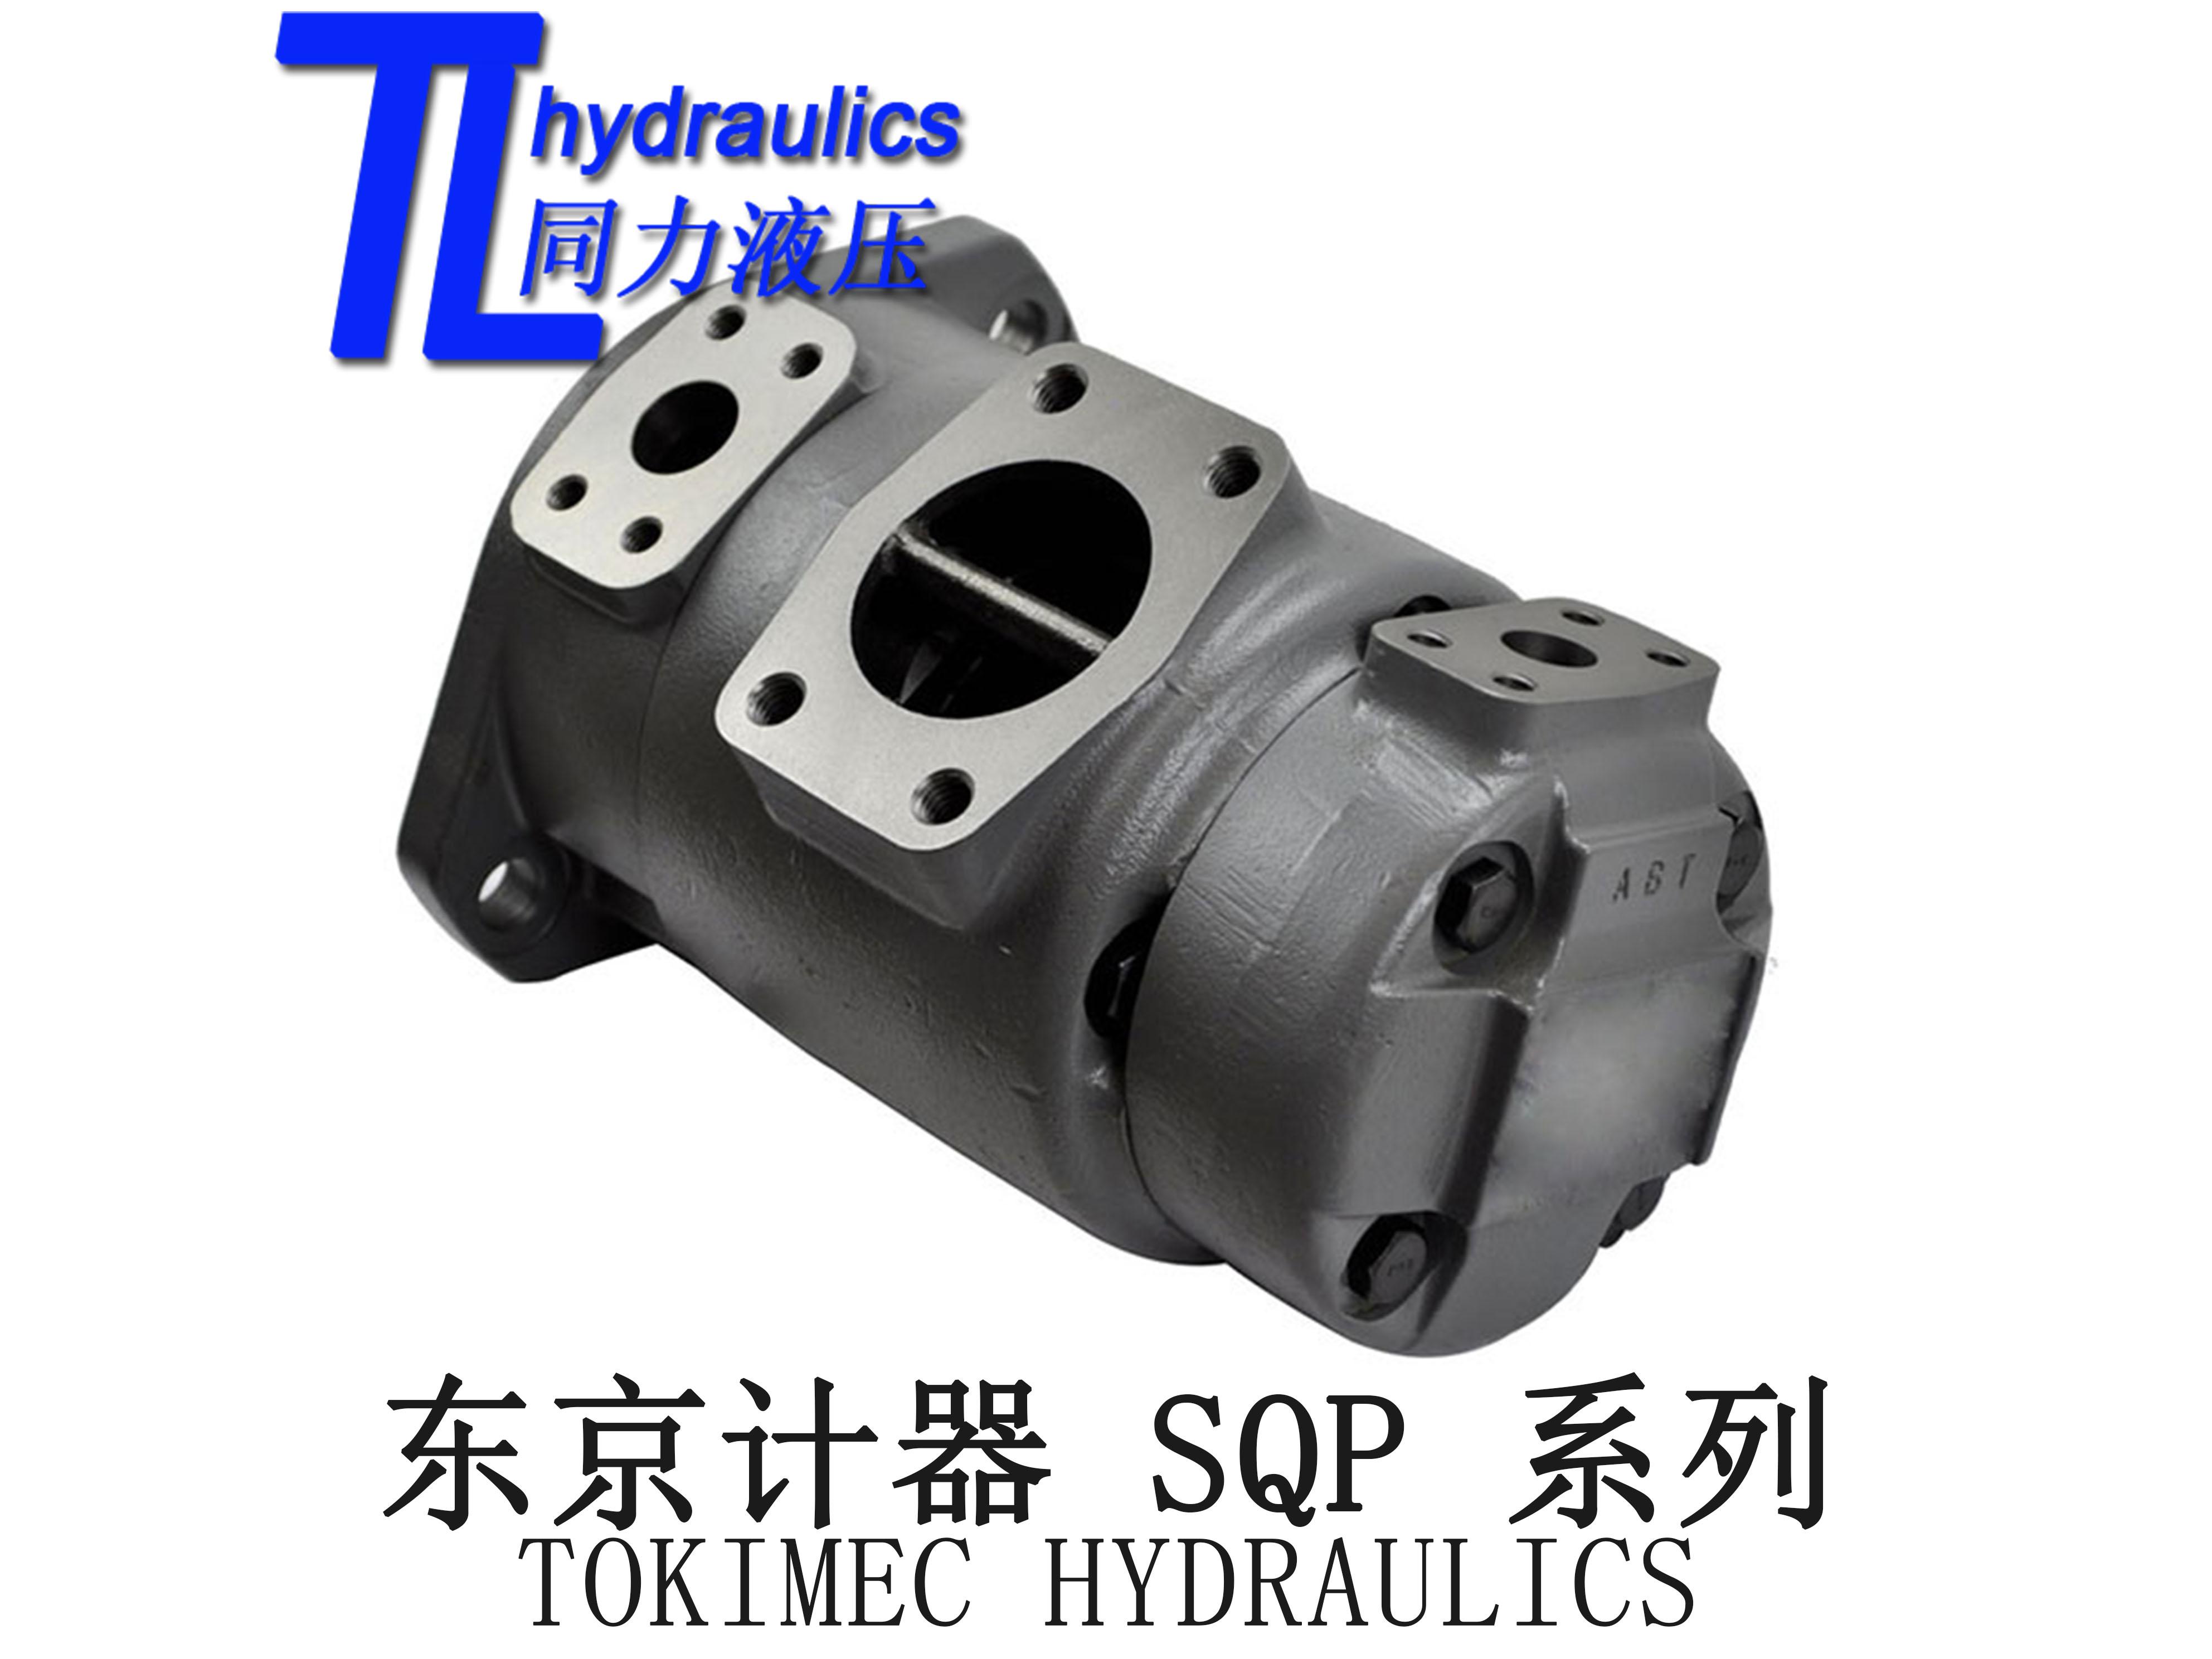 供应低噪音油压泵子母叶片泵双联叶片泵TOKIMEC  SQP31-35-5-86CD-18